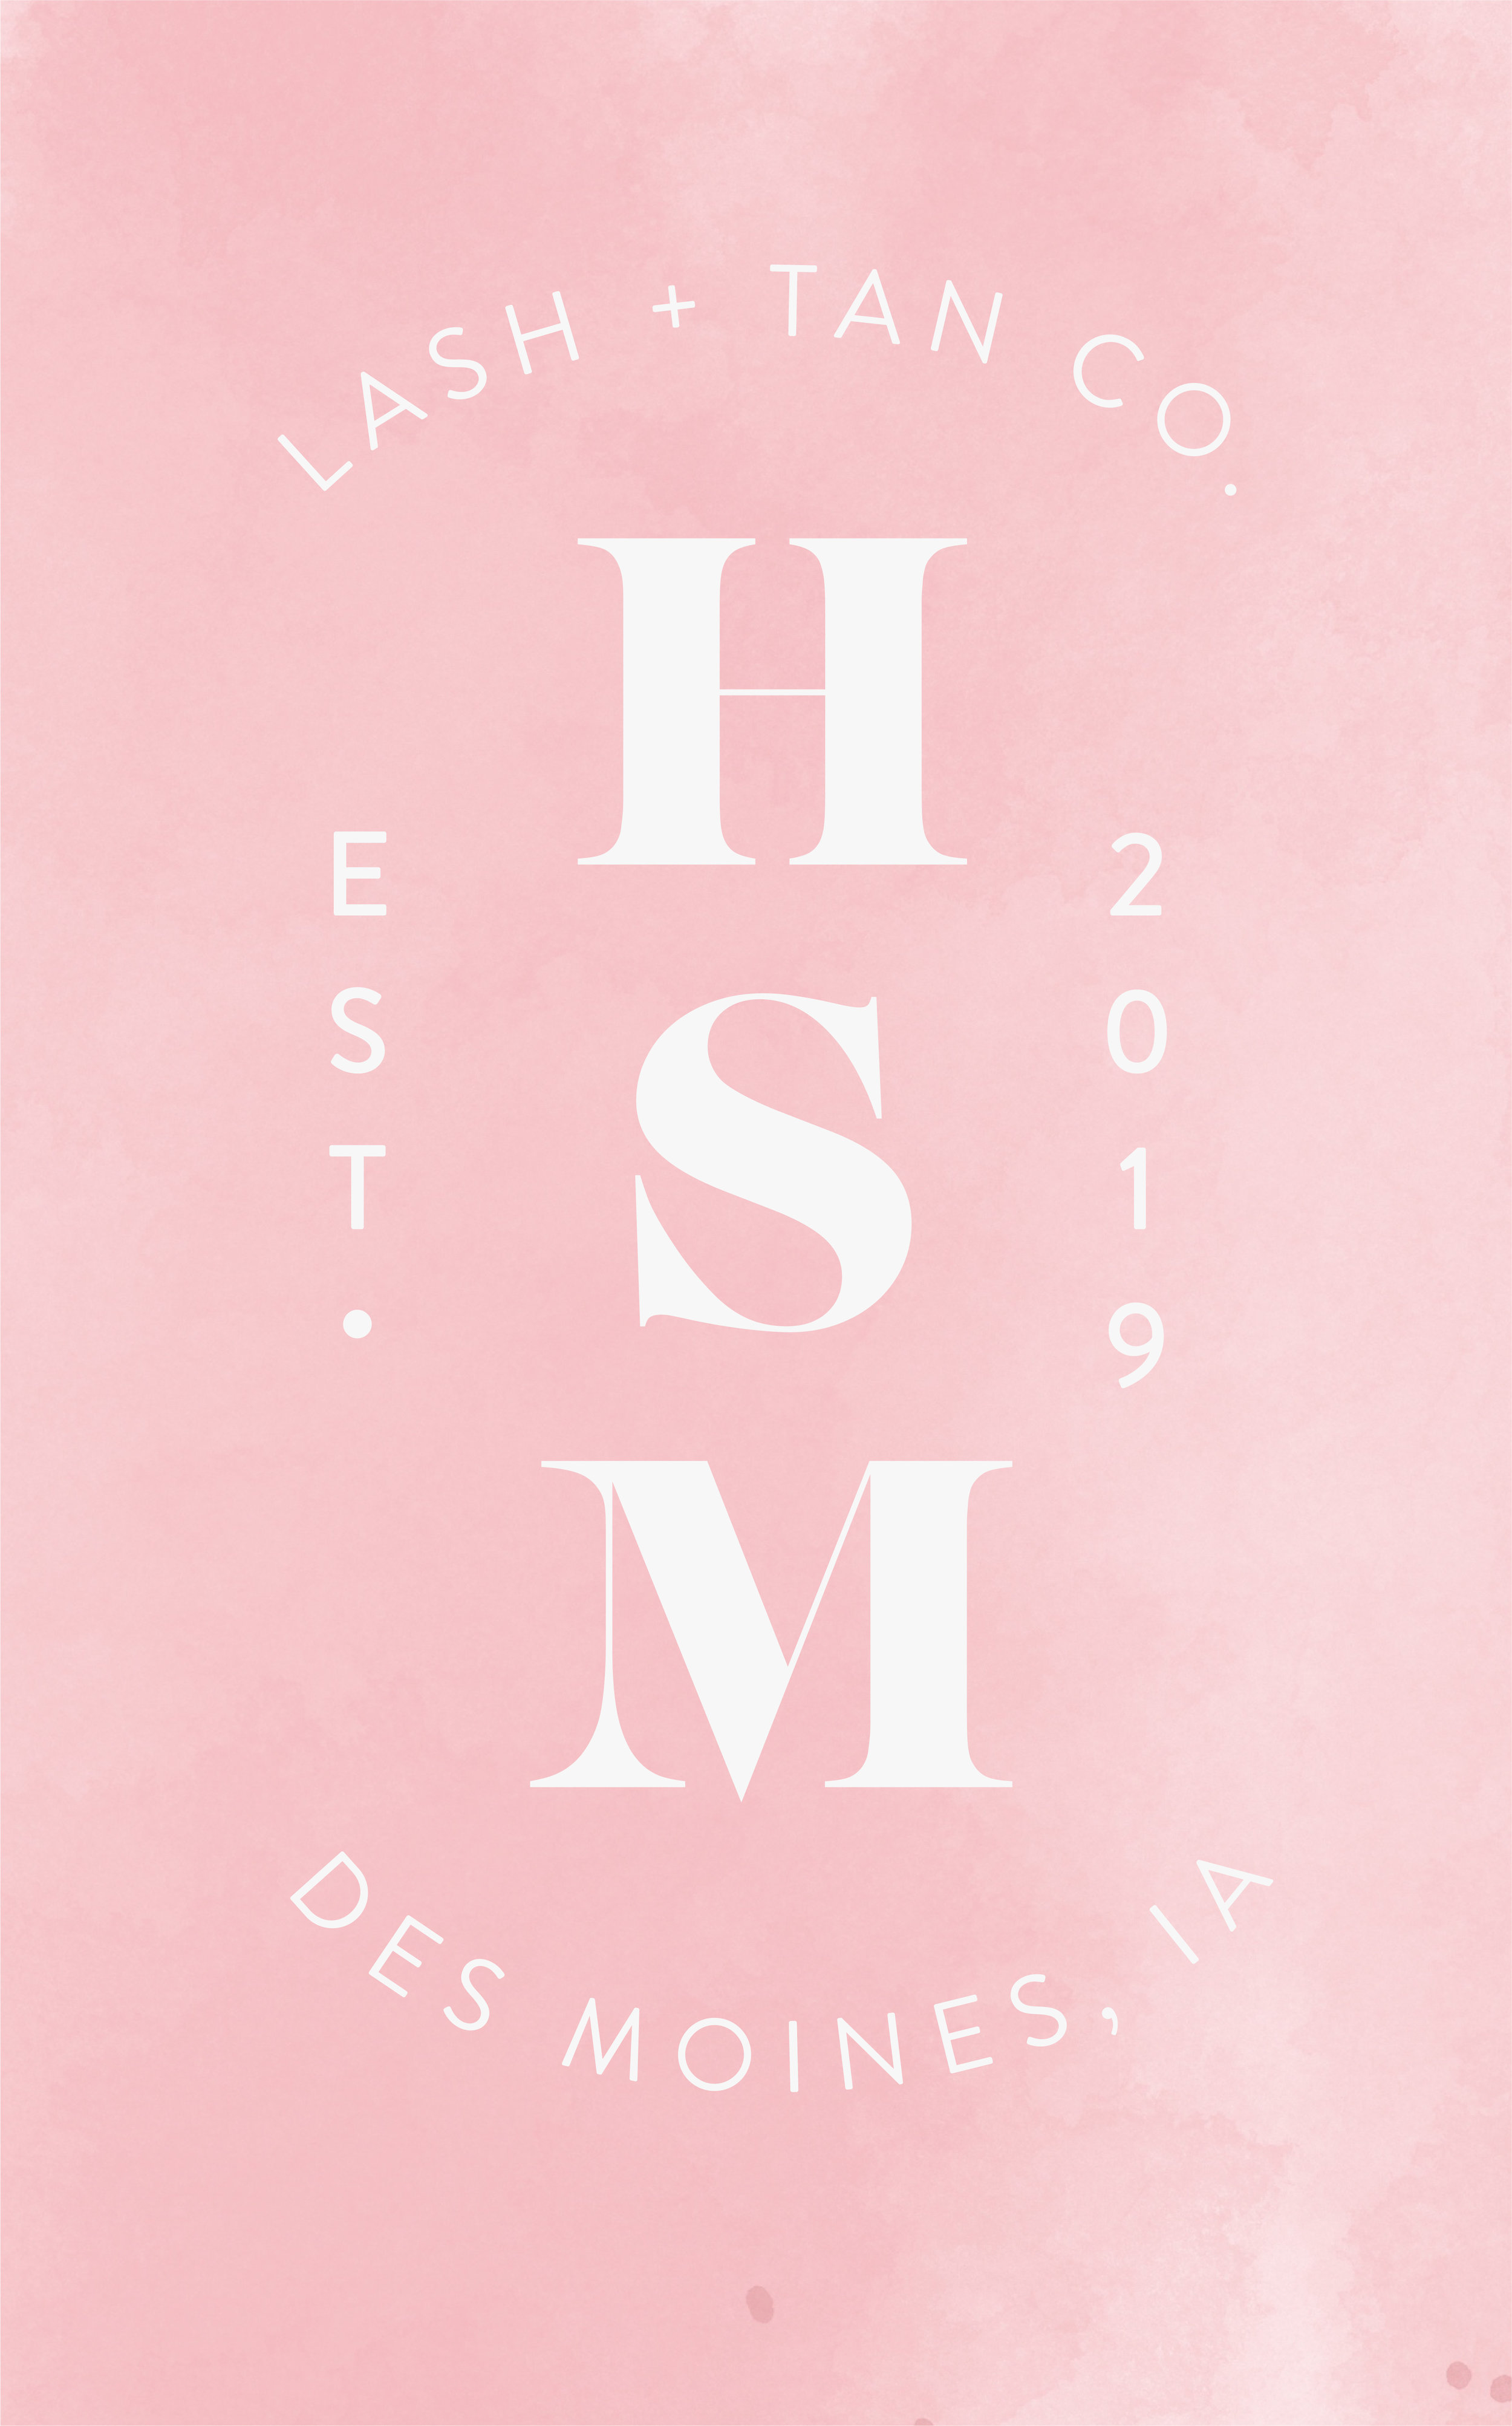 hsm sub logo 2-17.jpg